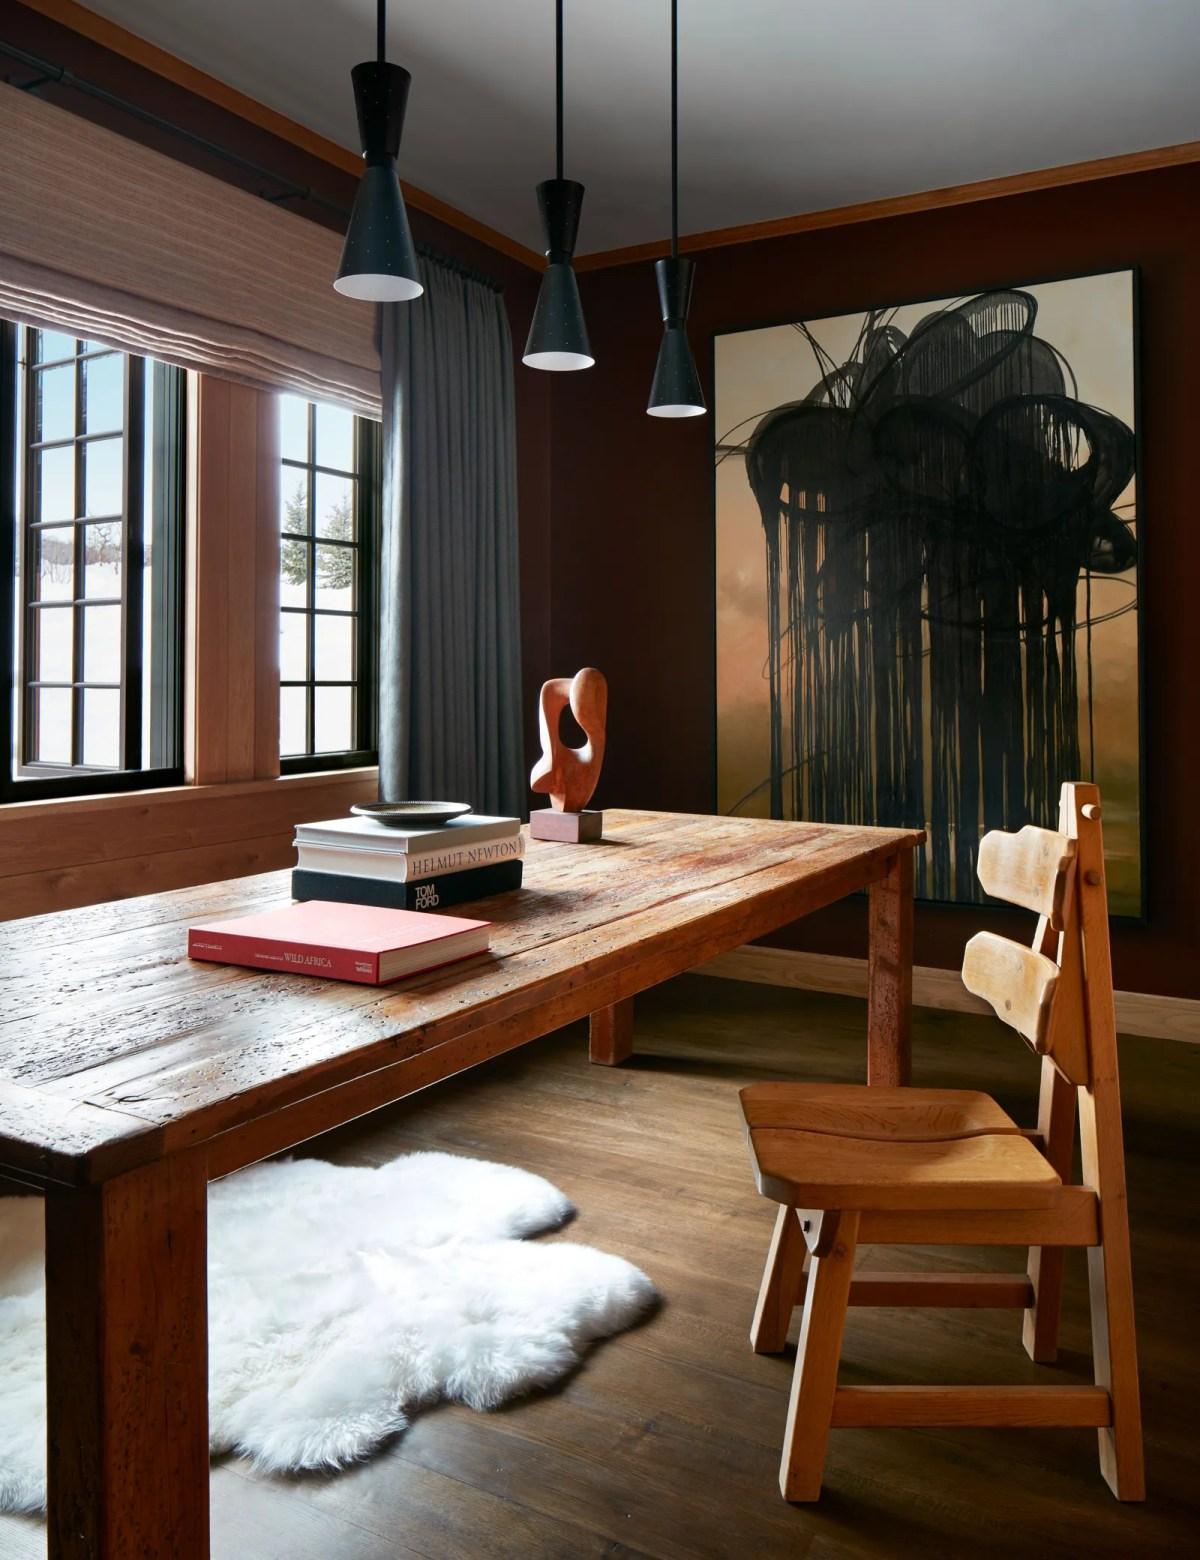 Раньше формальная столовая комната для дегустации вин оформлена в глубоком бордоском оттенке, который Наннерли окрестил ...